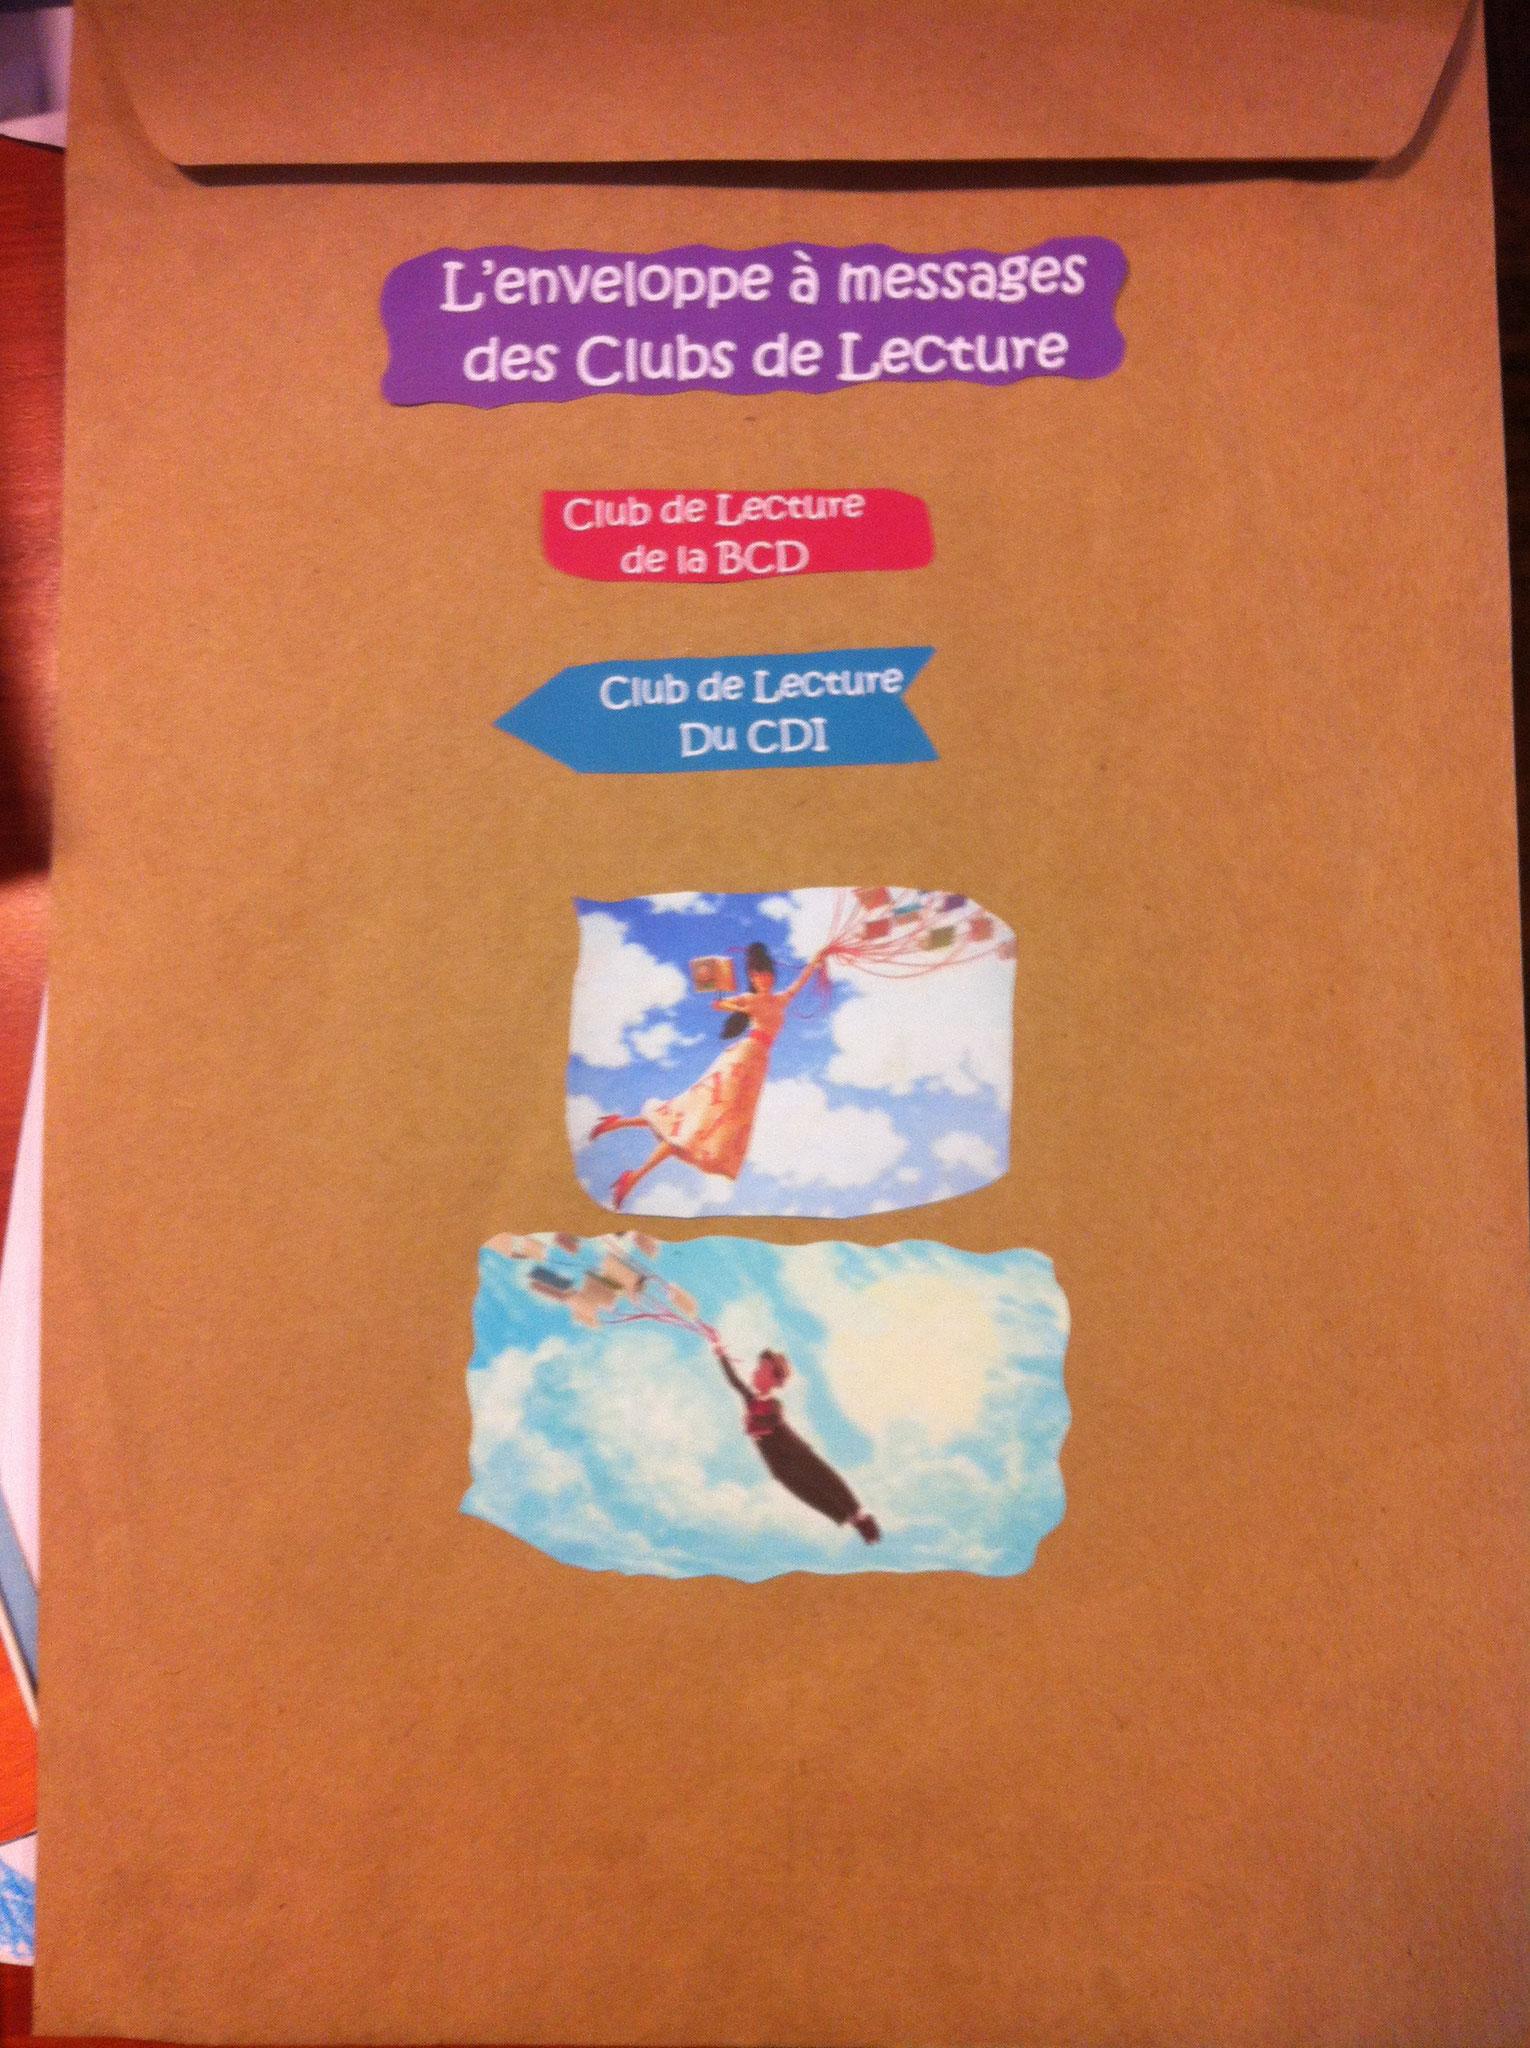 L'enveloppe envoyée au CDI, avec tous nos beaux dessins dedans